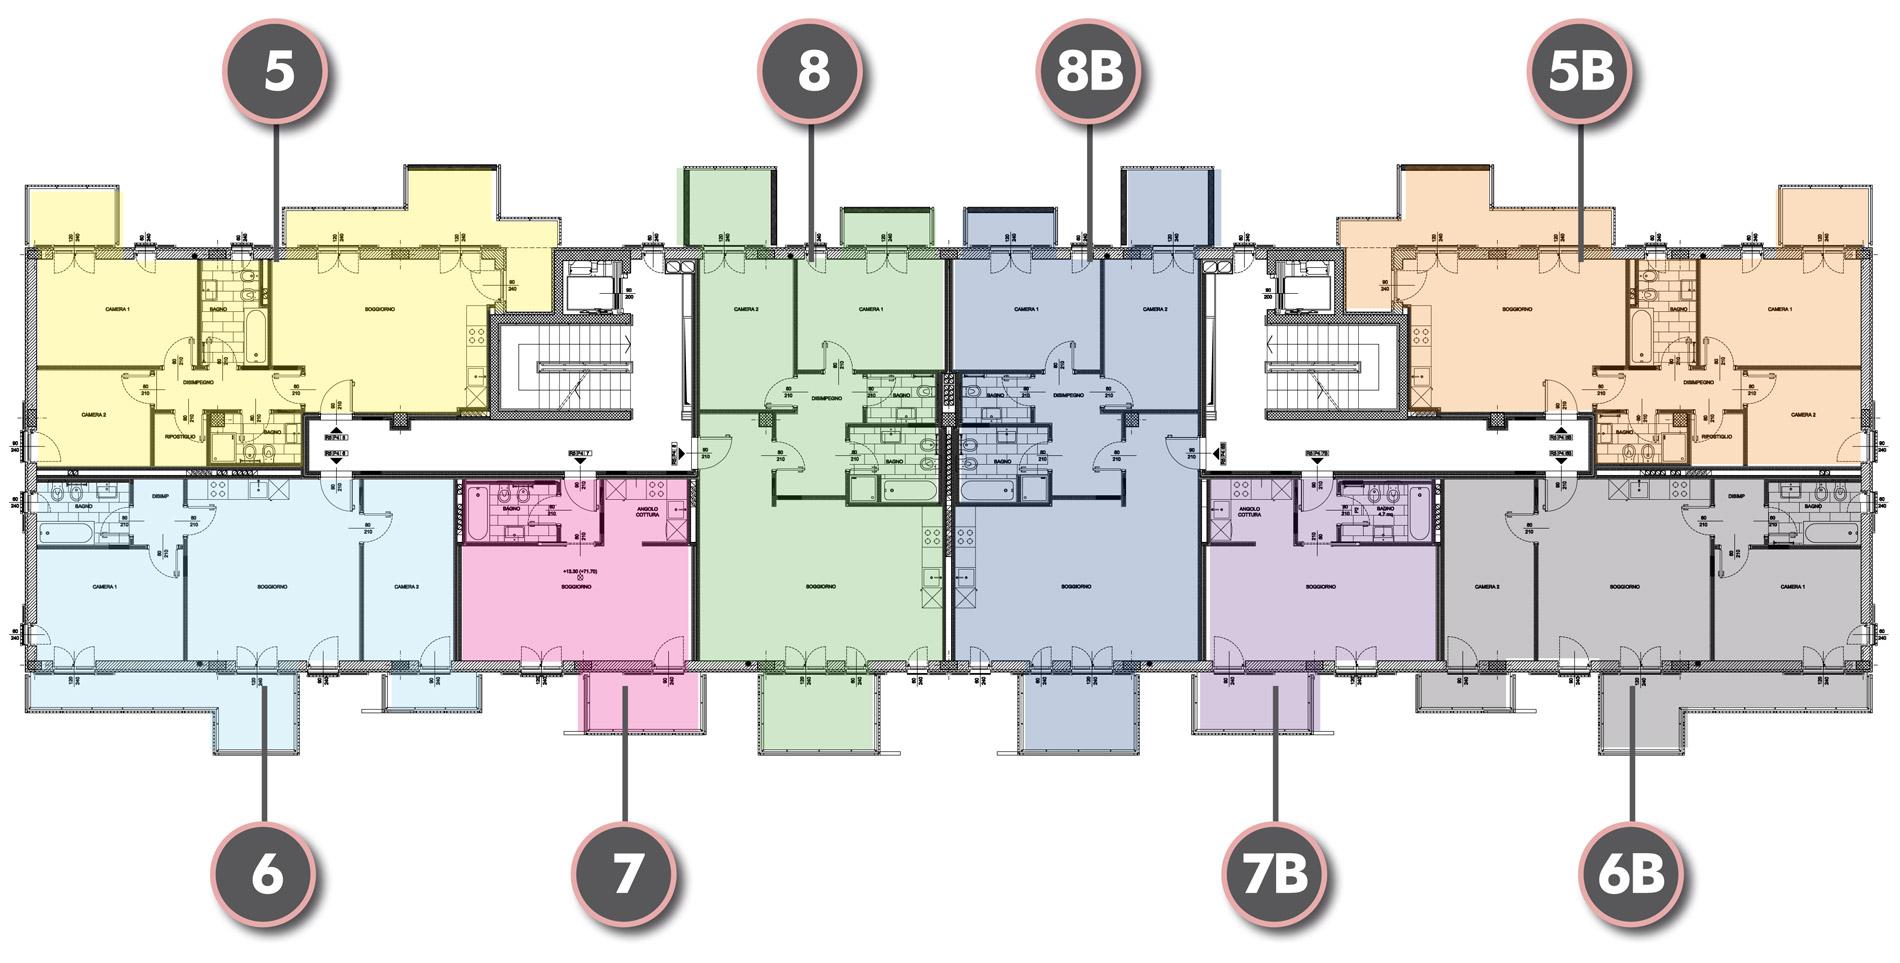 Edificio R1 - Piano Attico